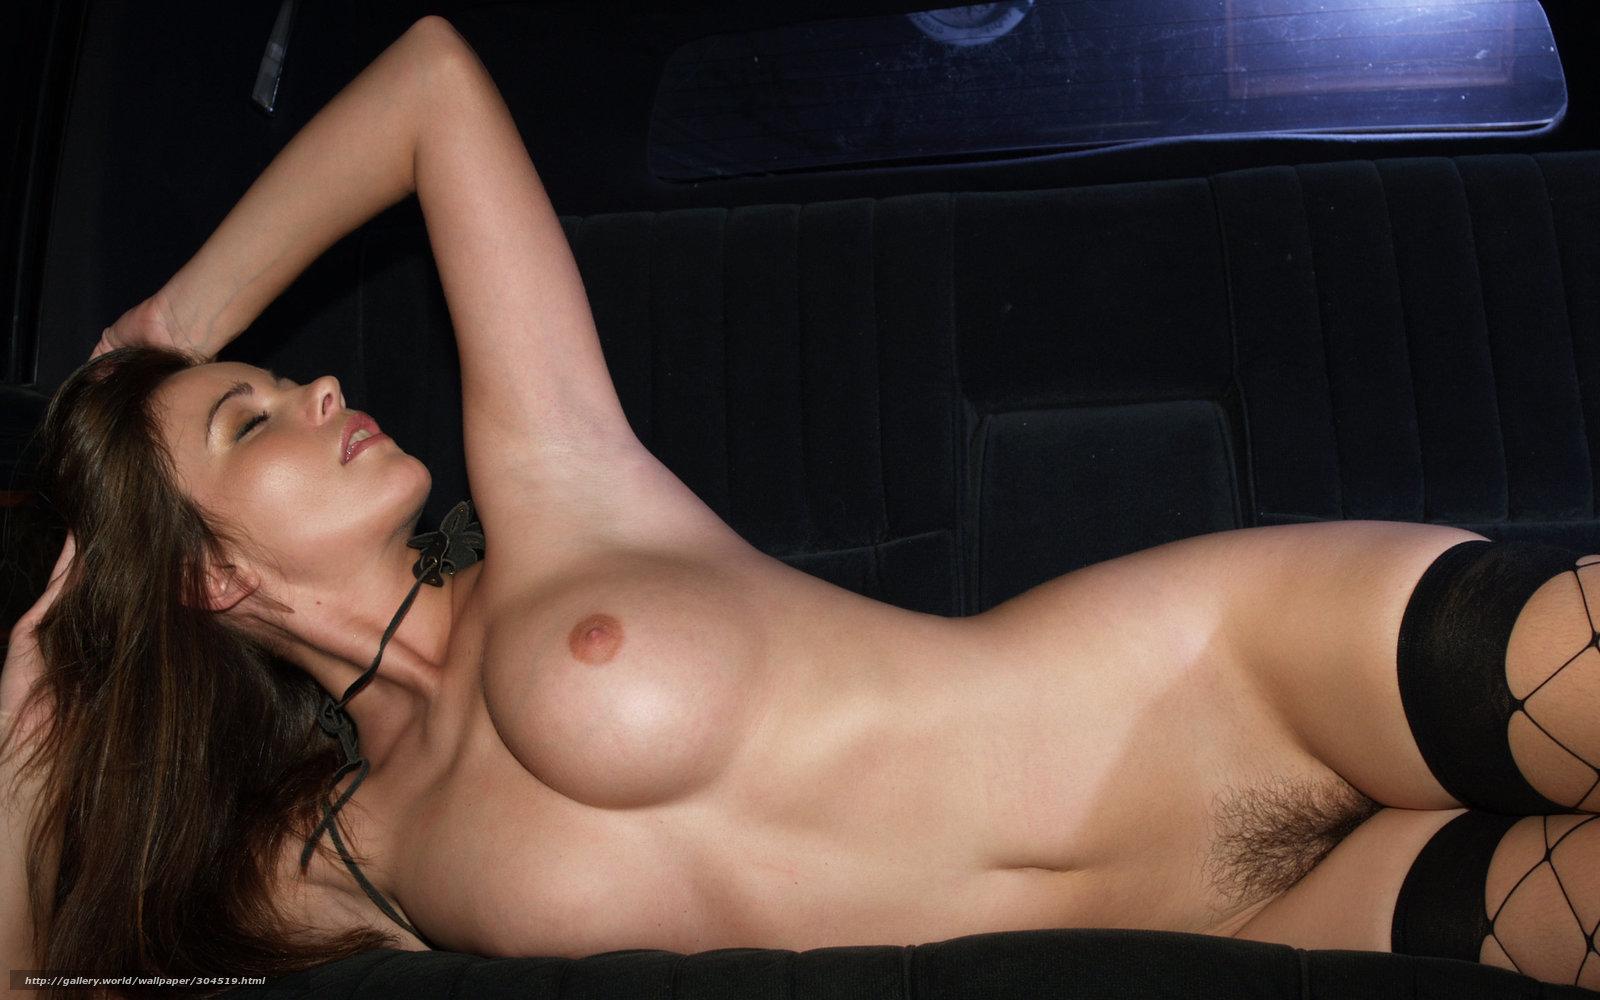 Симпатичные девушки голые онлаин 10 фотография